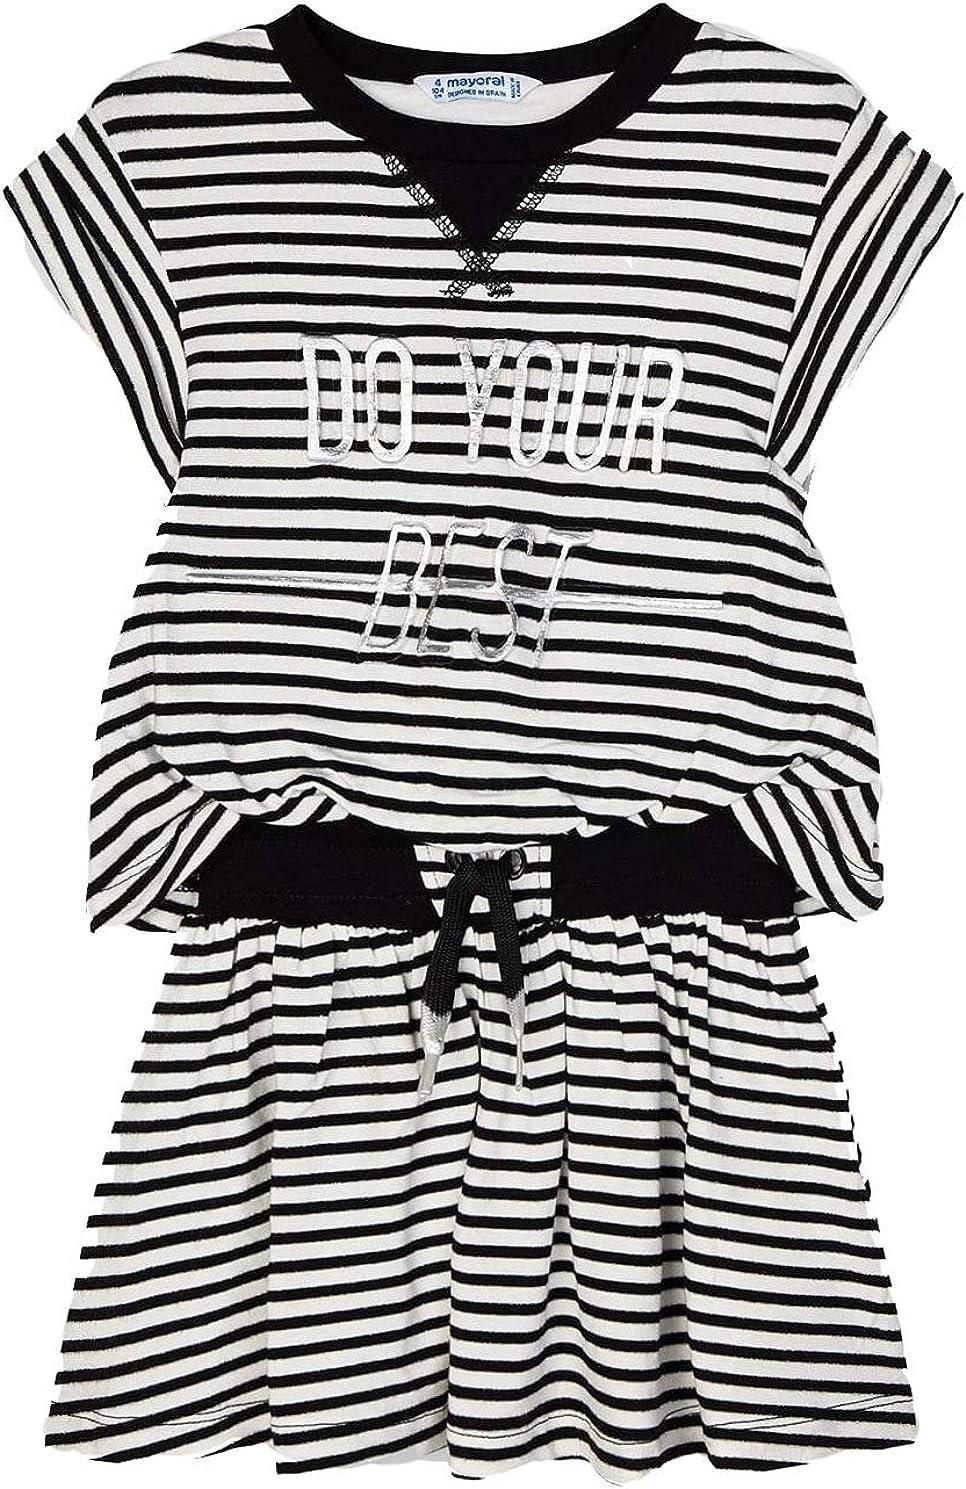 Mayoral - Dress for Girls - 3966, Black